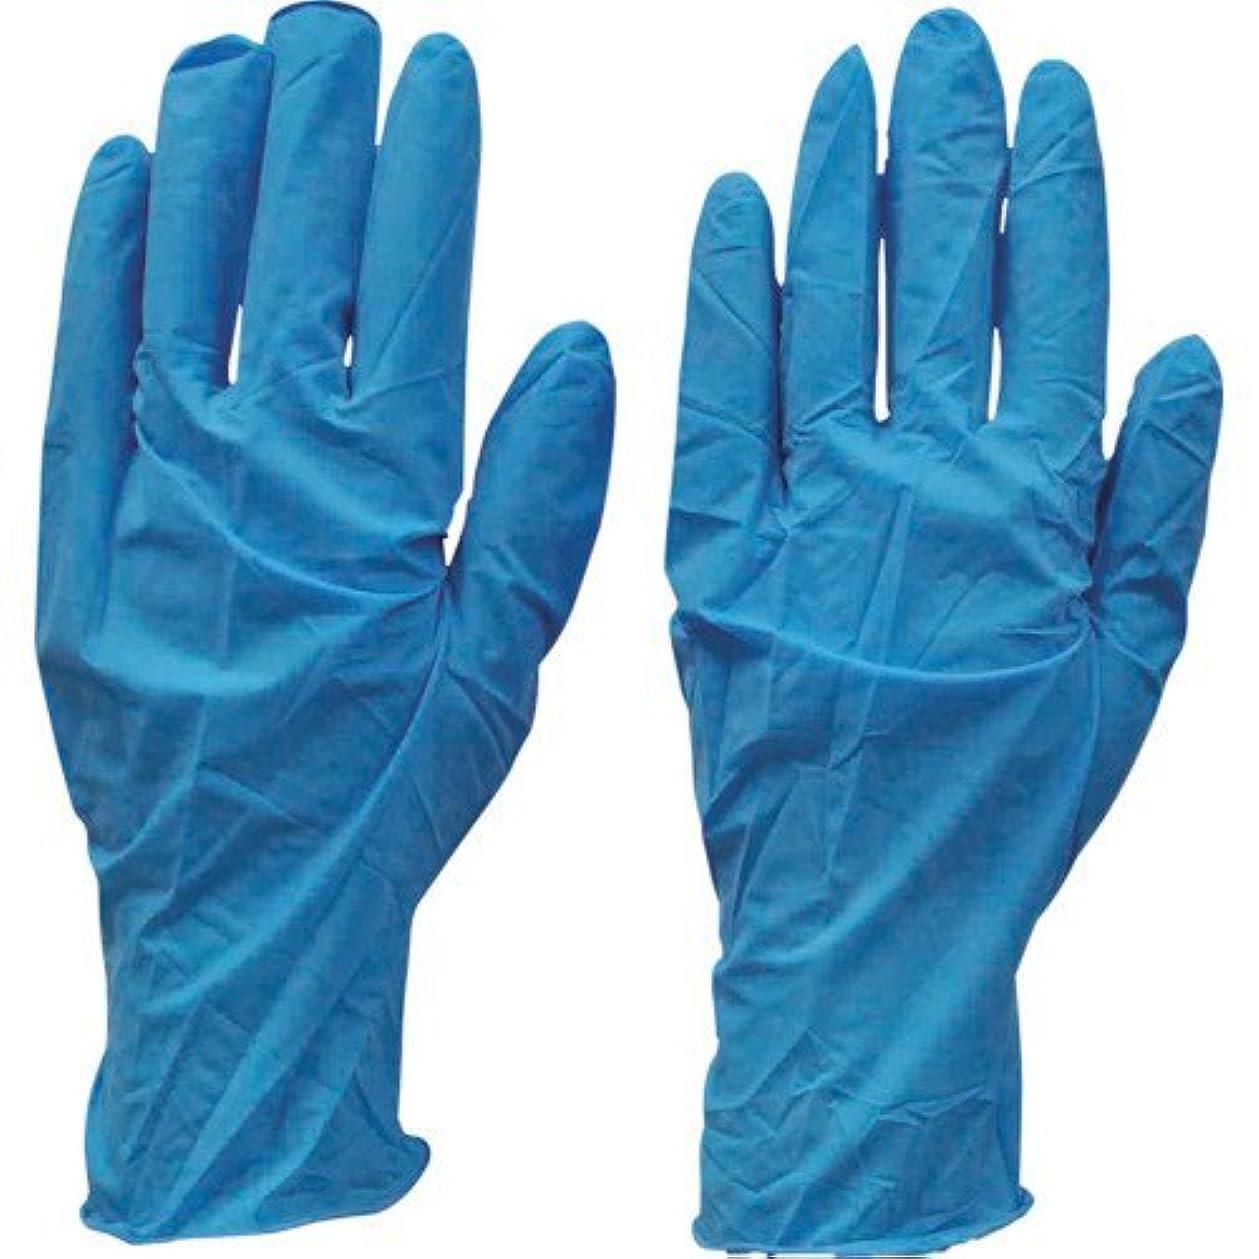 全員サーキットに行くルーフダンロップ N-211 天然ゴム極うす手袋100枚入 Sブルー N211SB